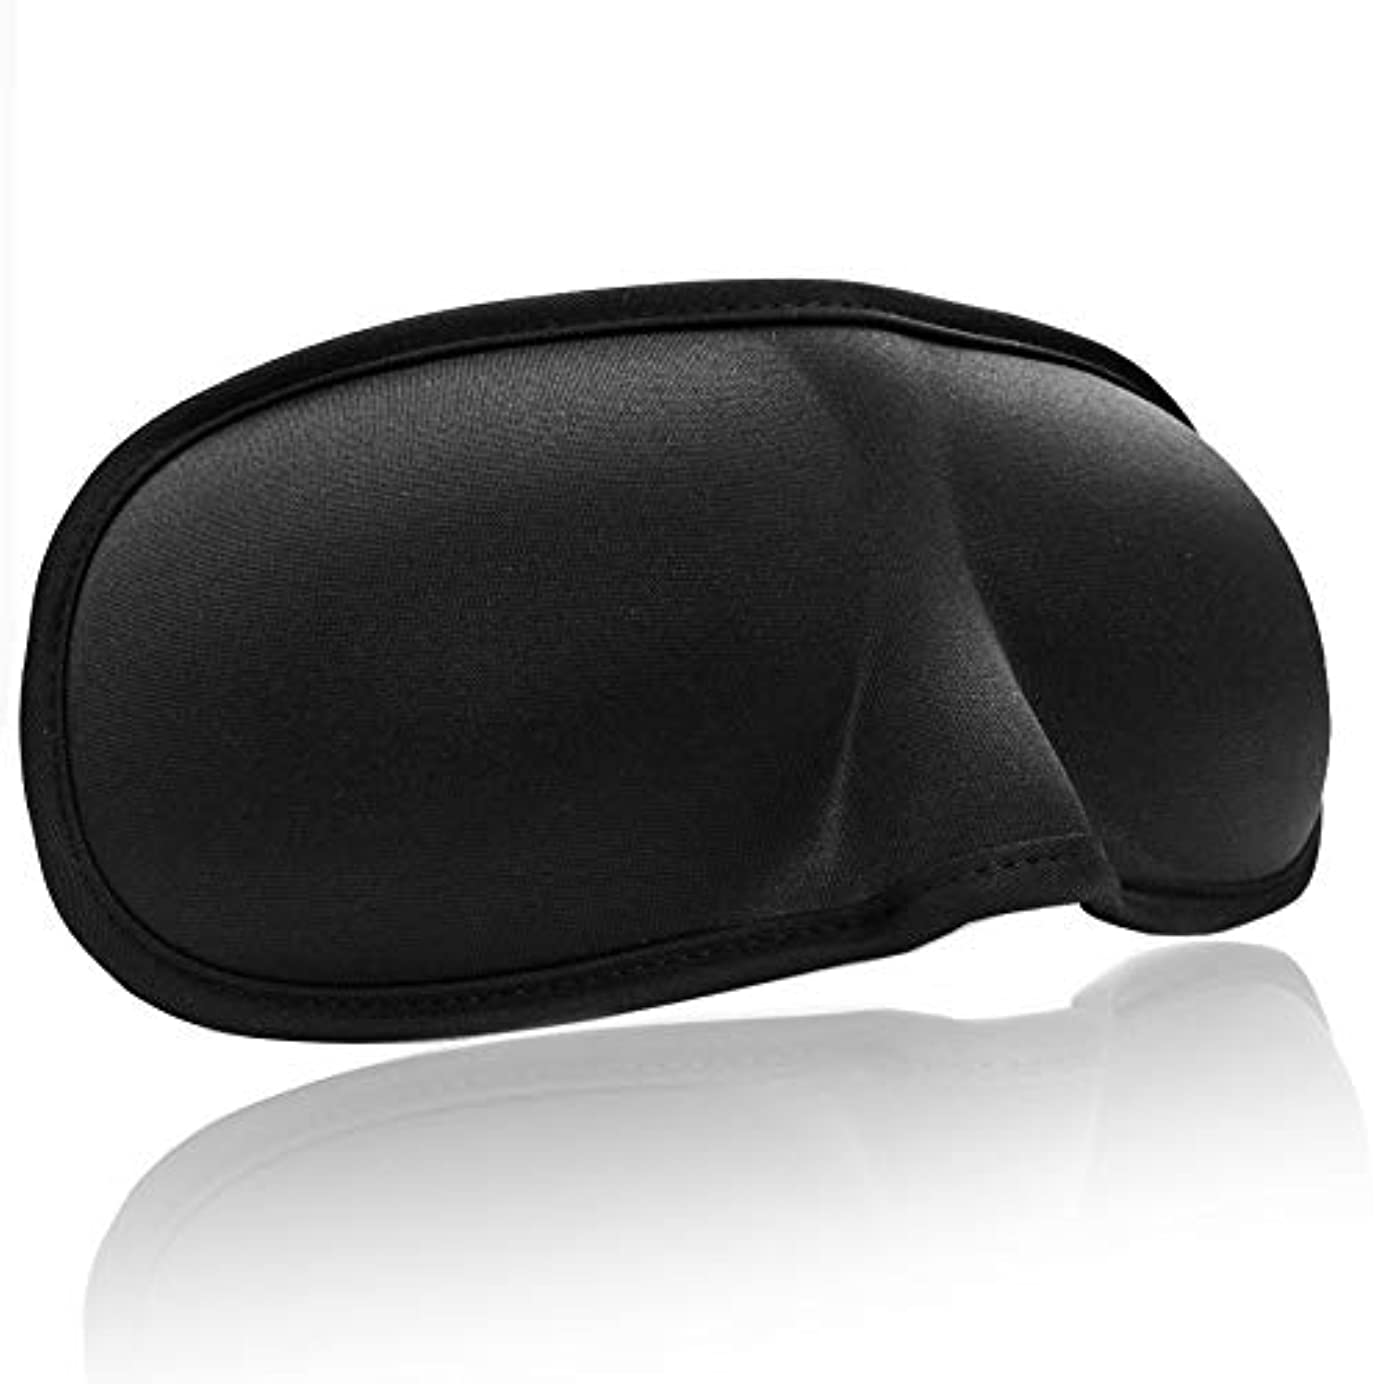 見かけ上火山学軌道NOTE ポータブル3dスリーピングアイマスクシェーディングマスク用睡眠ソフト調整可能包帯目にアイシェードカバー旅行アイパッチ+耳栓